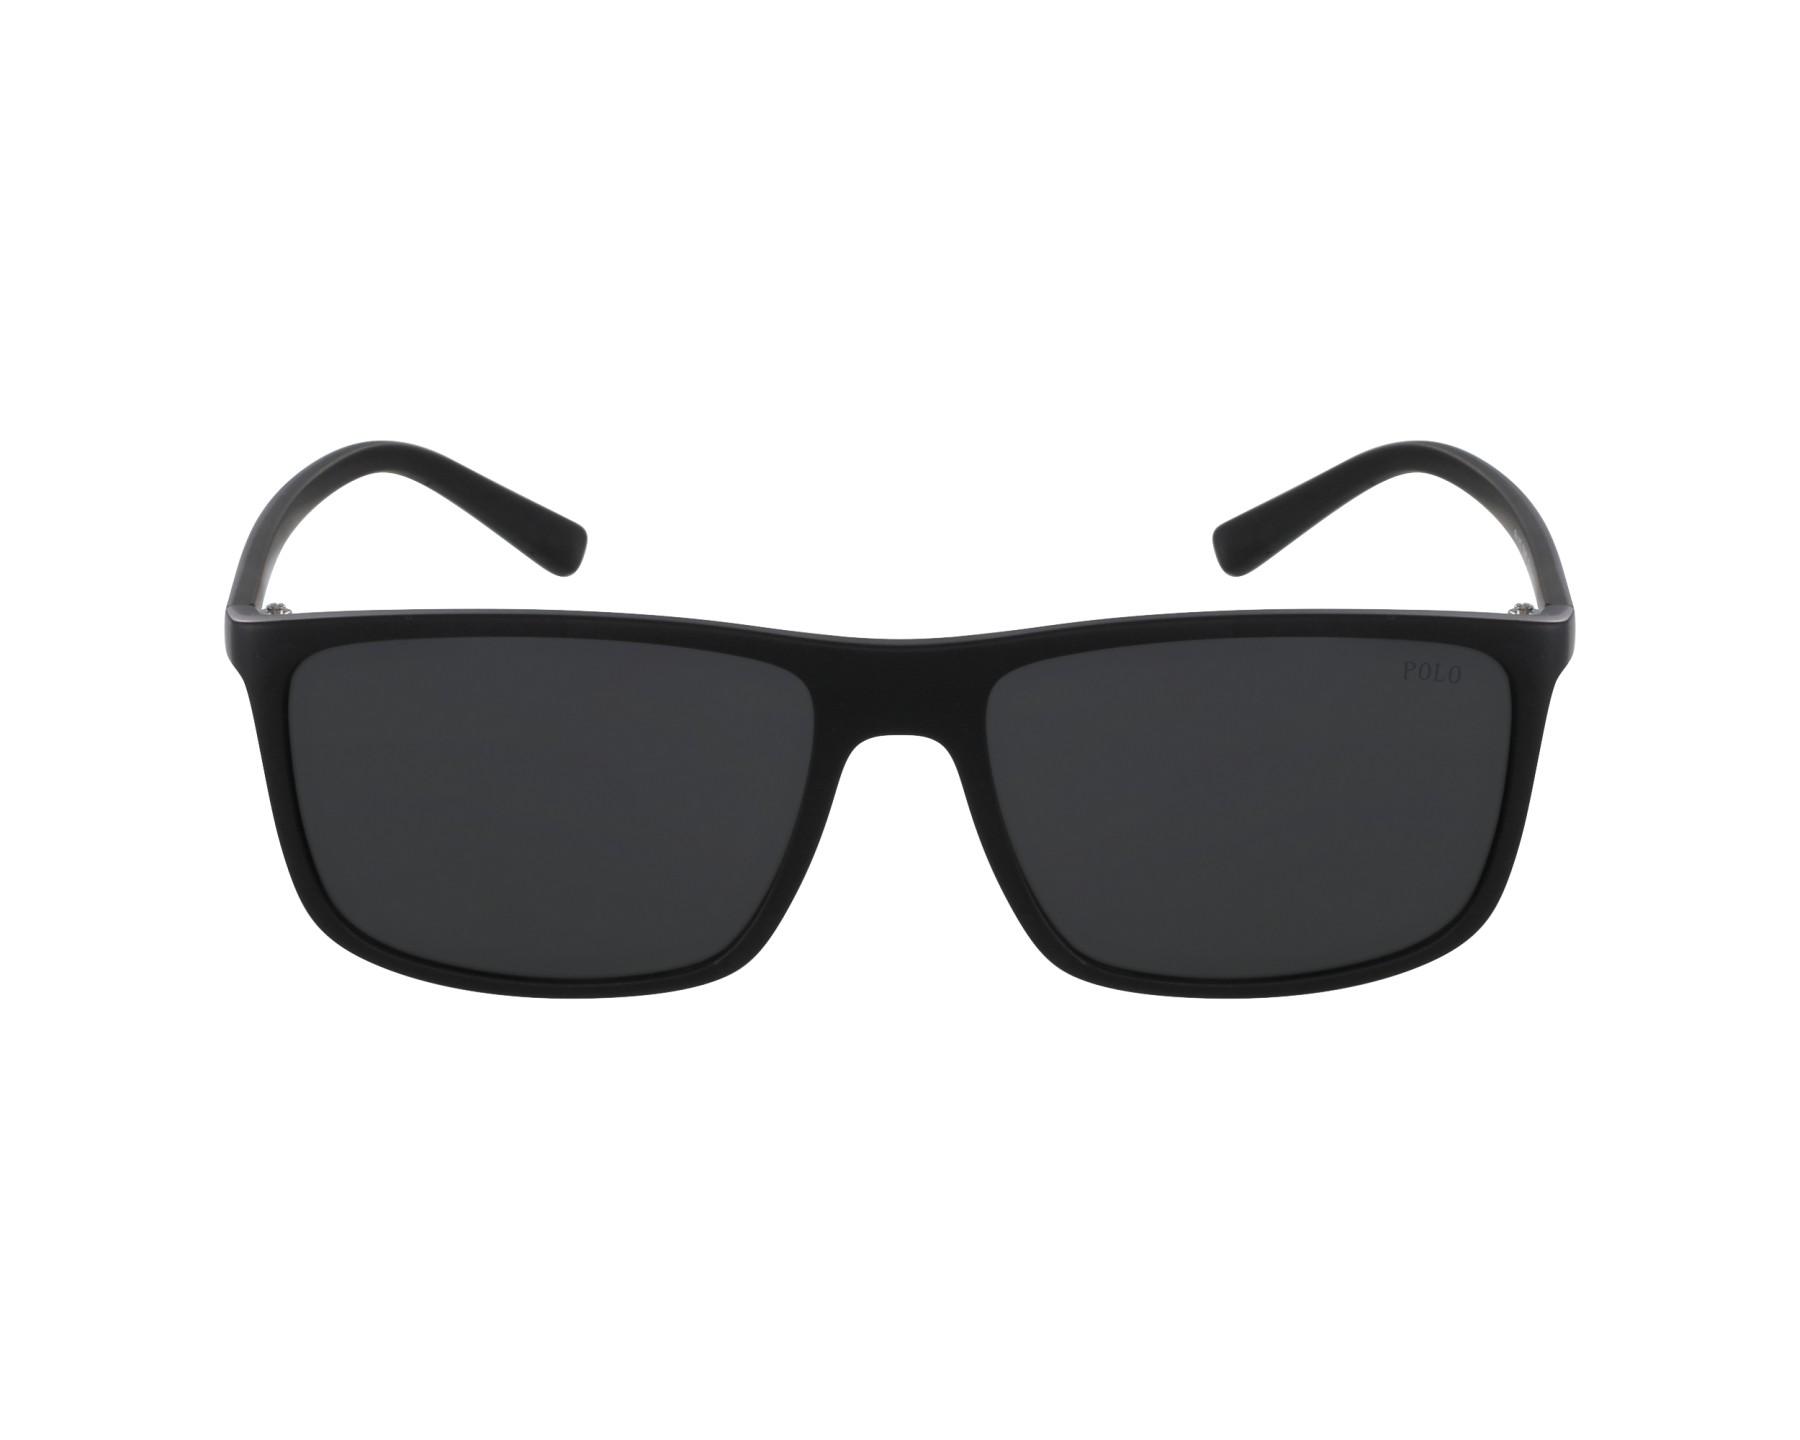 Polo Ralph Lauren Sunglasses Ph 3088 - Bitterroot Public Library f01477e5e5